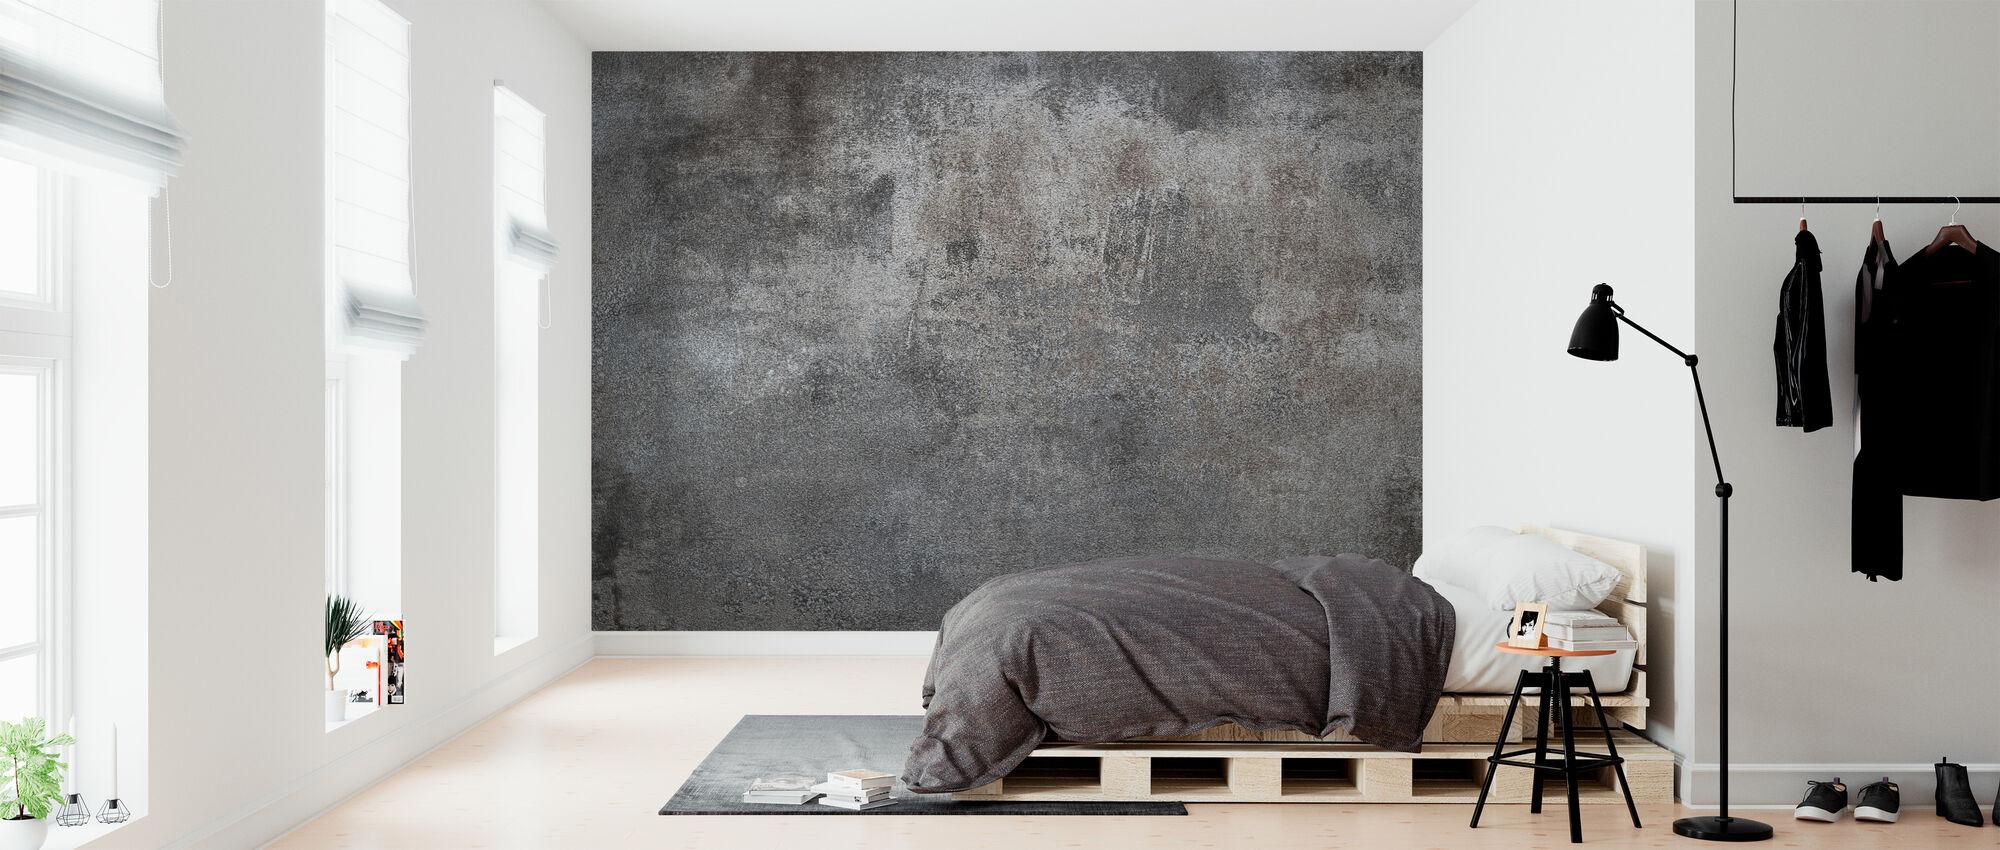 Grunge Metal Texture - Wallpaper - Bedroom